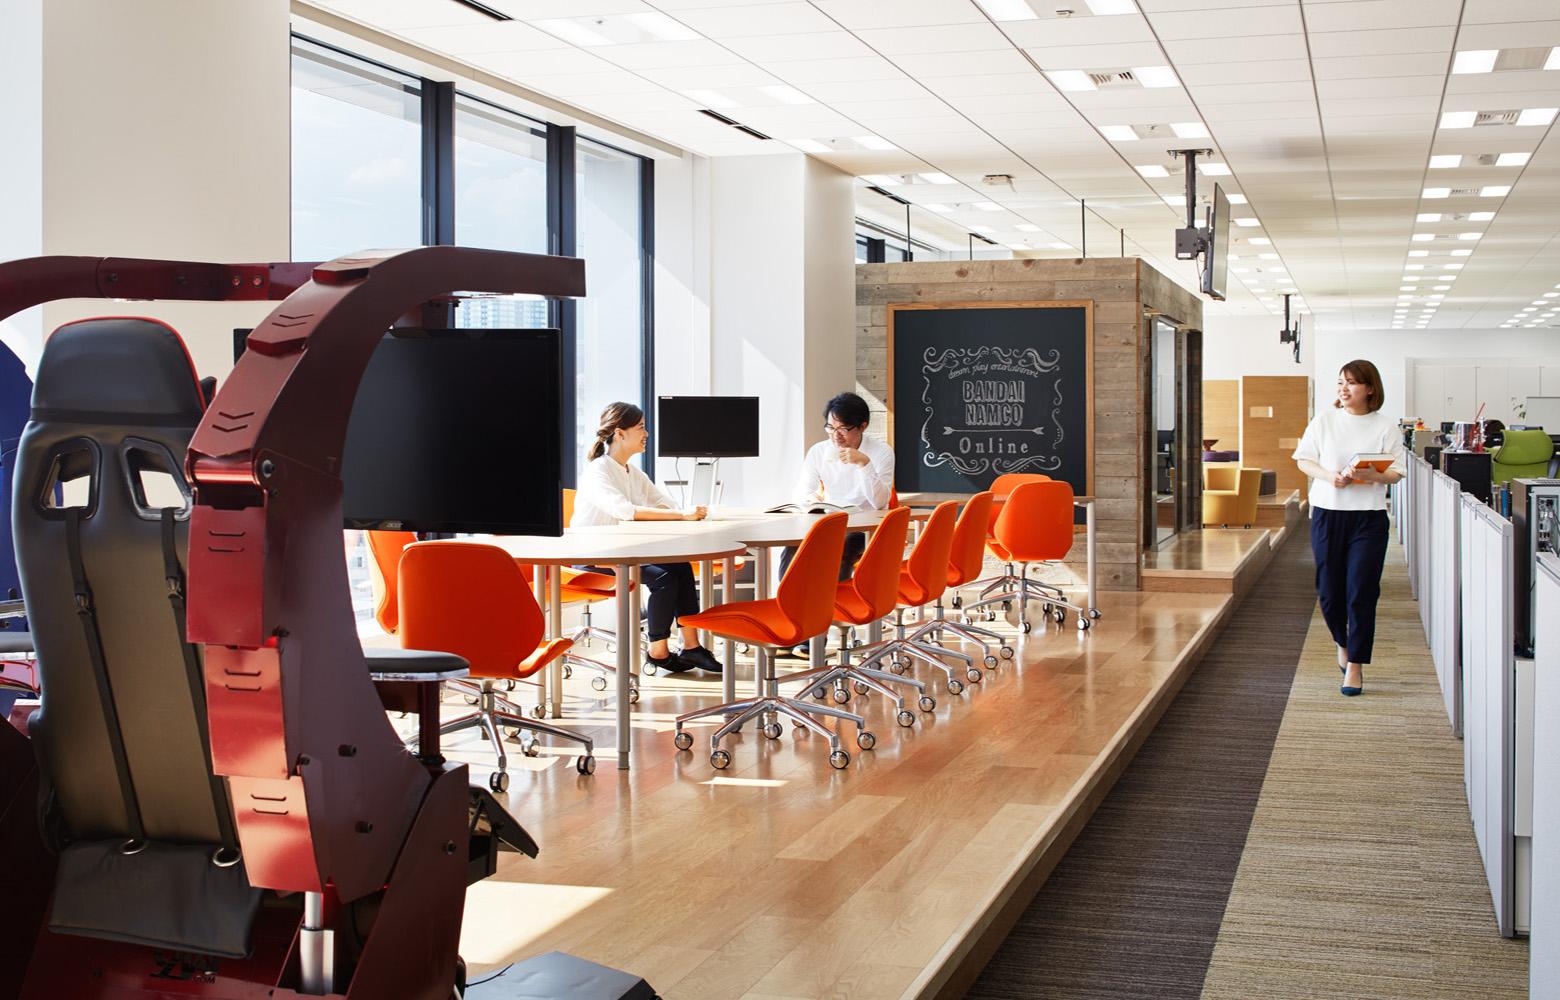 株式会社バンダイナムコオンライン Meeting Space デザイン・レイアウト事例